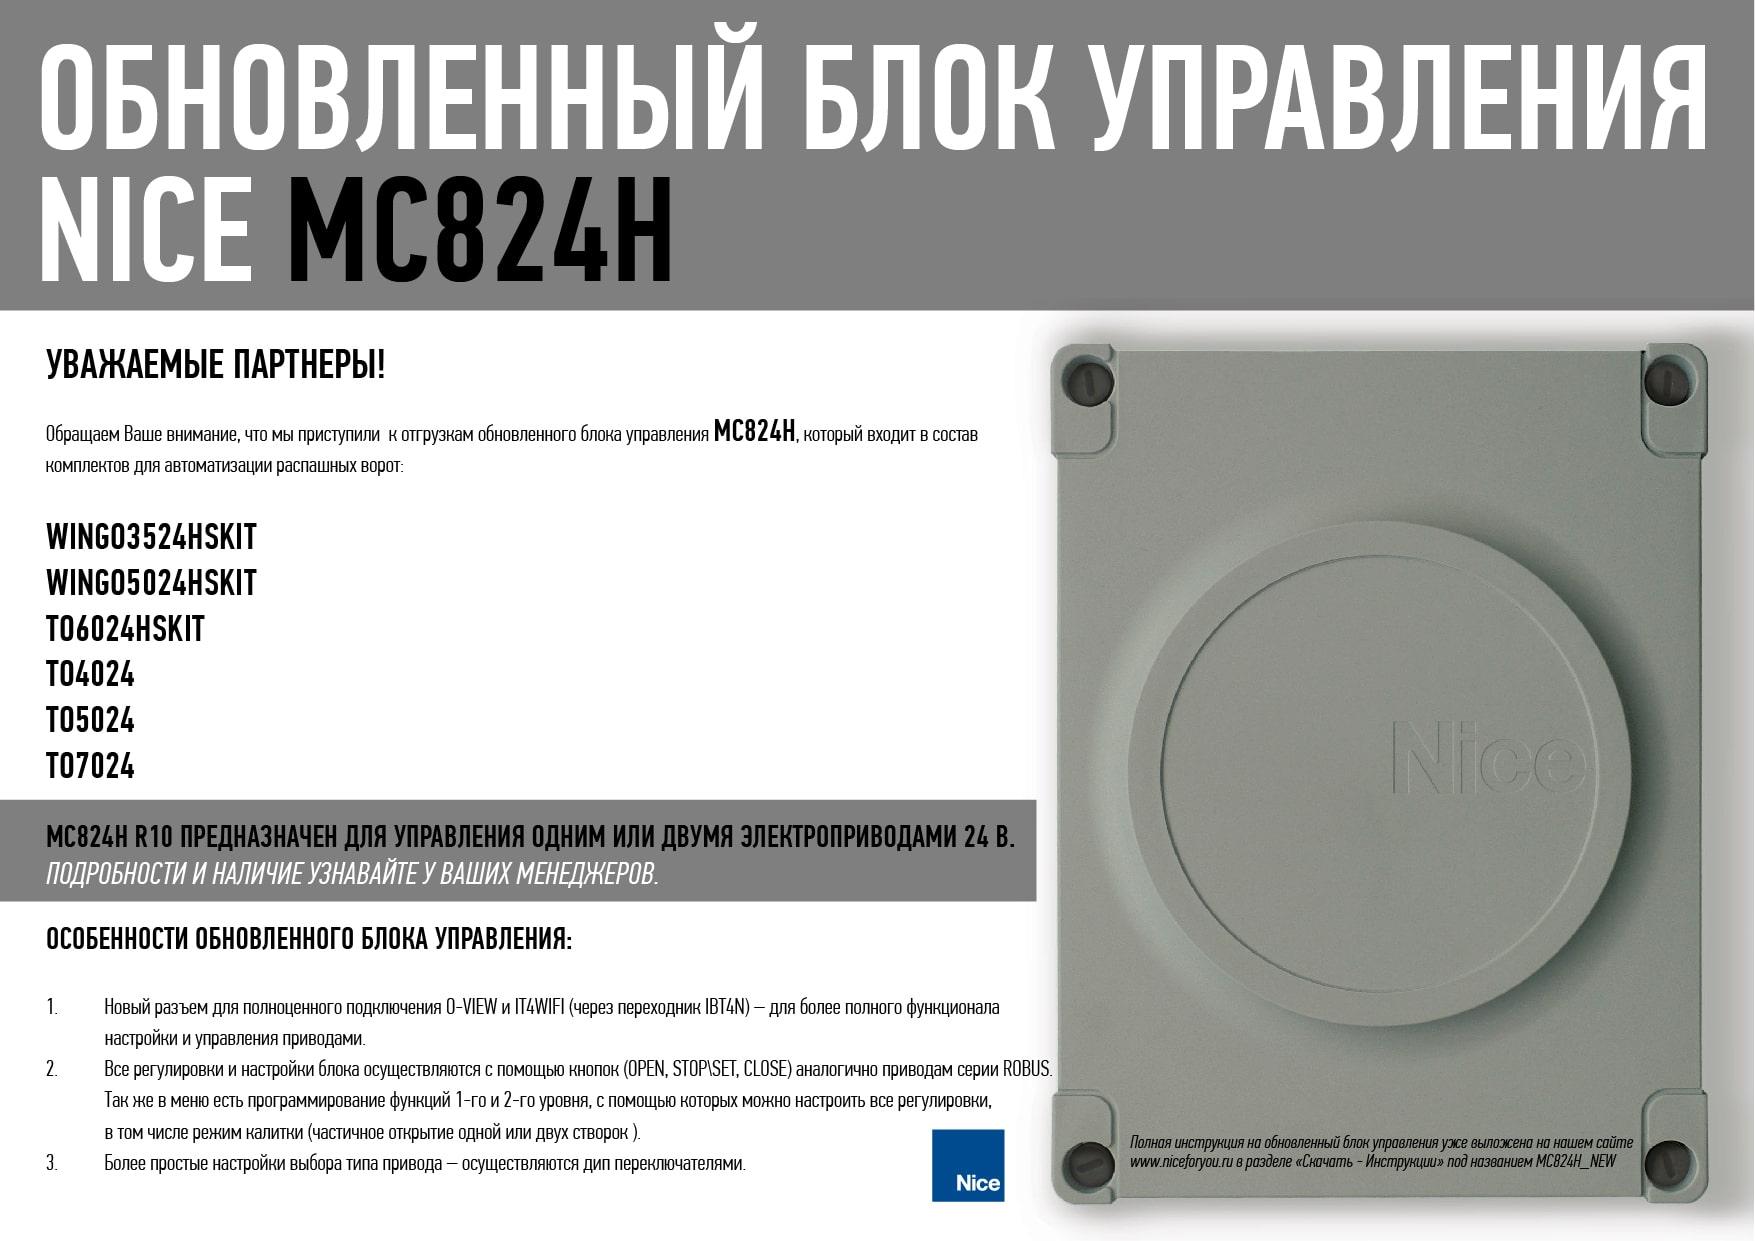 ОБНОВЛЕННЫЙ БЛОК УПРАВЛЕНИЯ NICE MC824H!